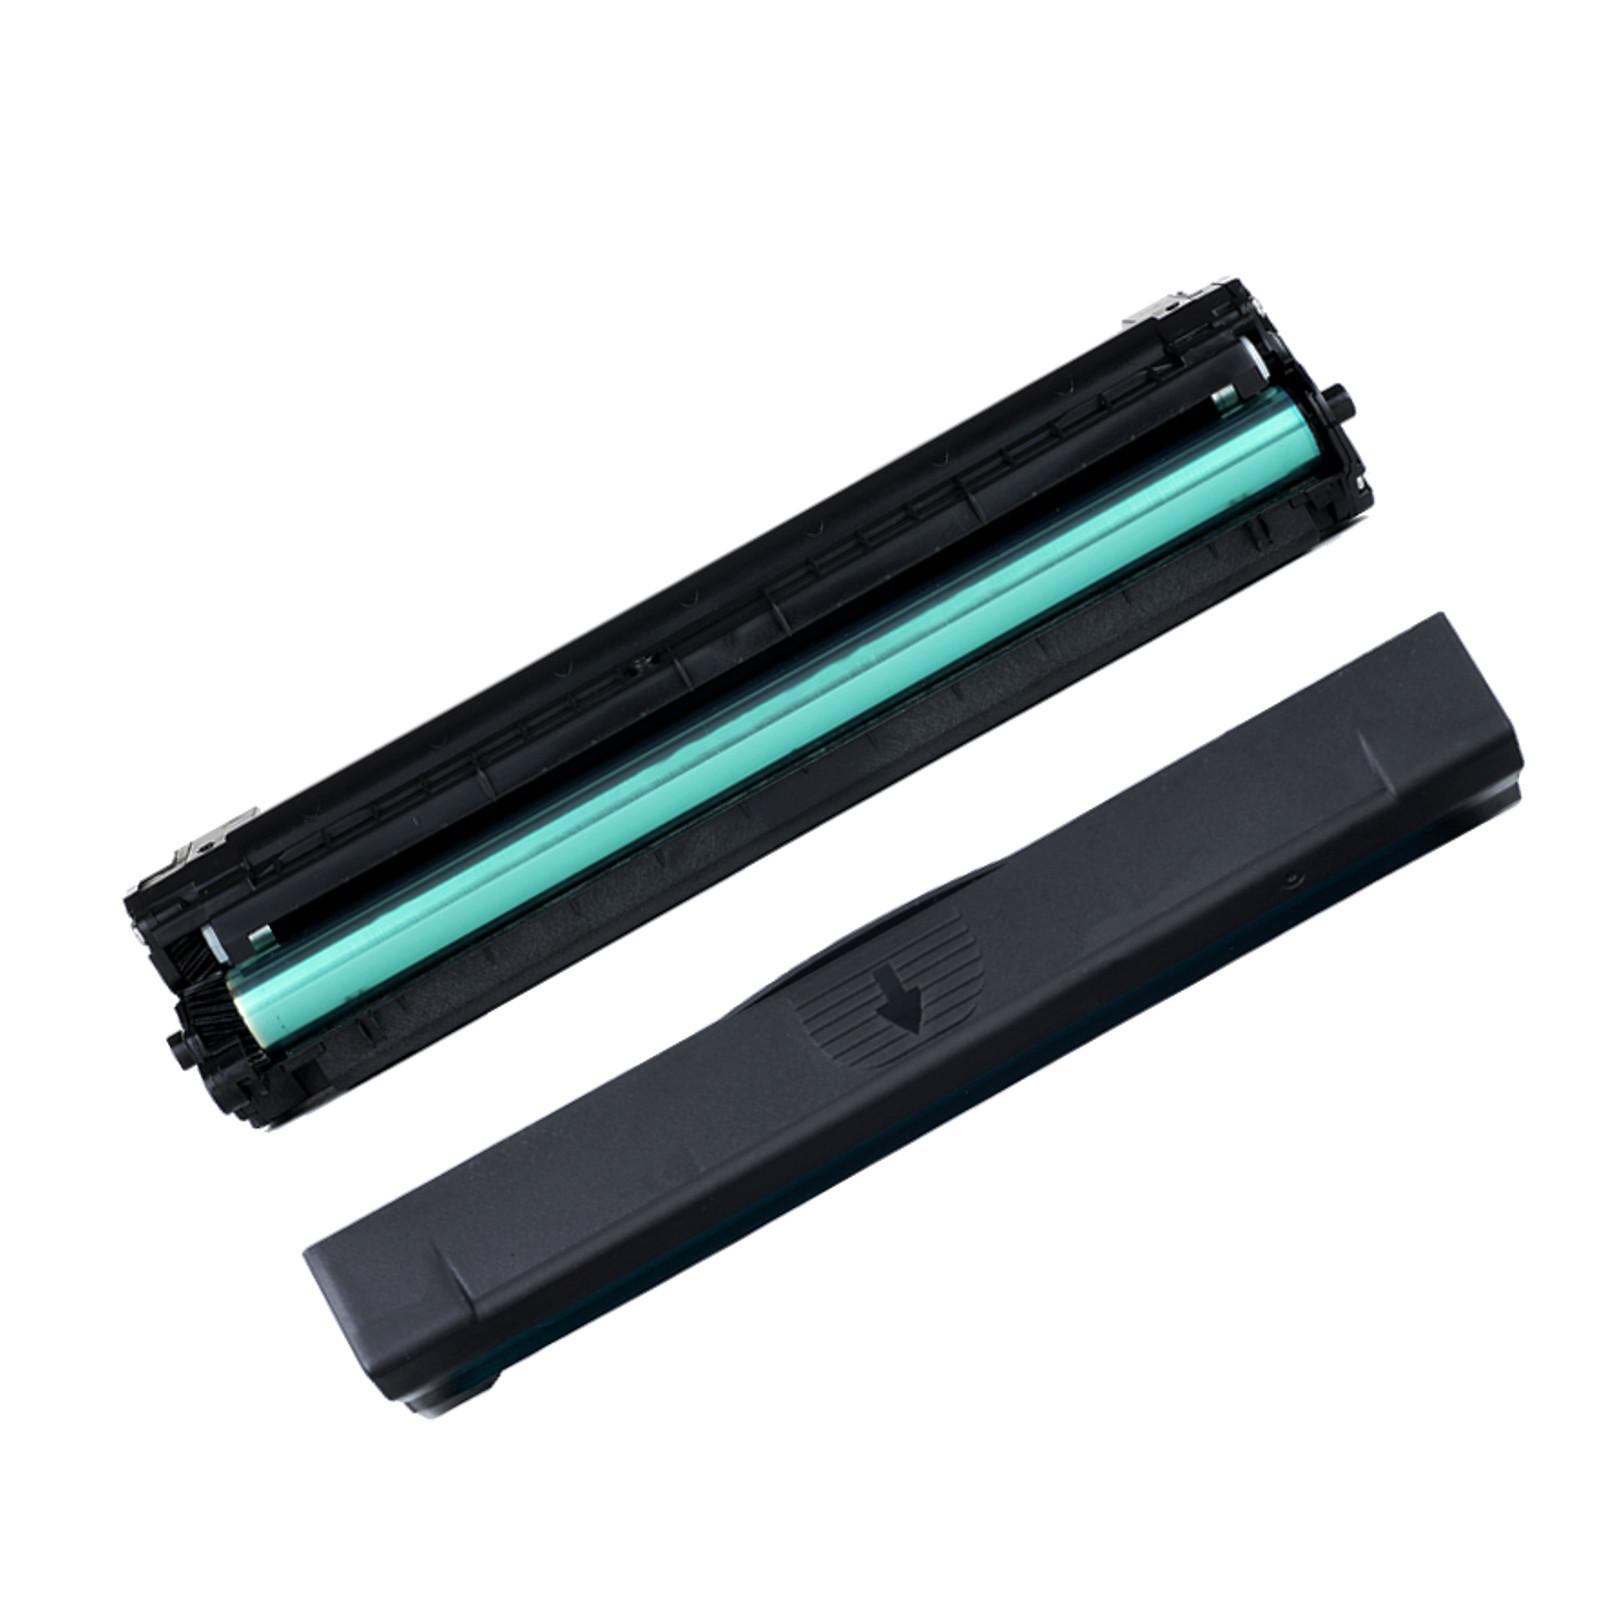 mlt d111s compatible toner cartridge for samsung 111s. Black Bedroom Furniture Sets. Home Design Ideas